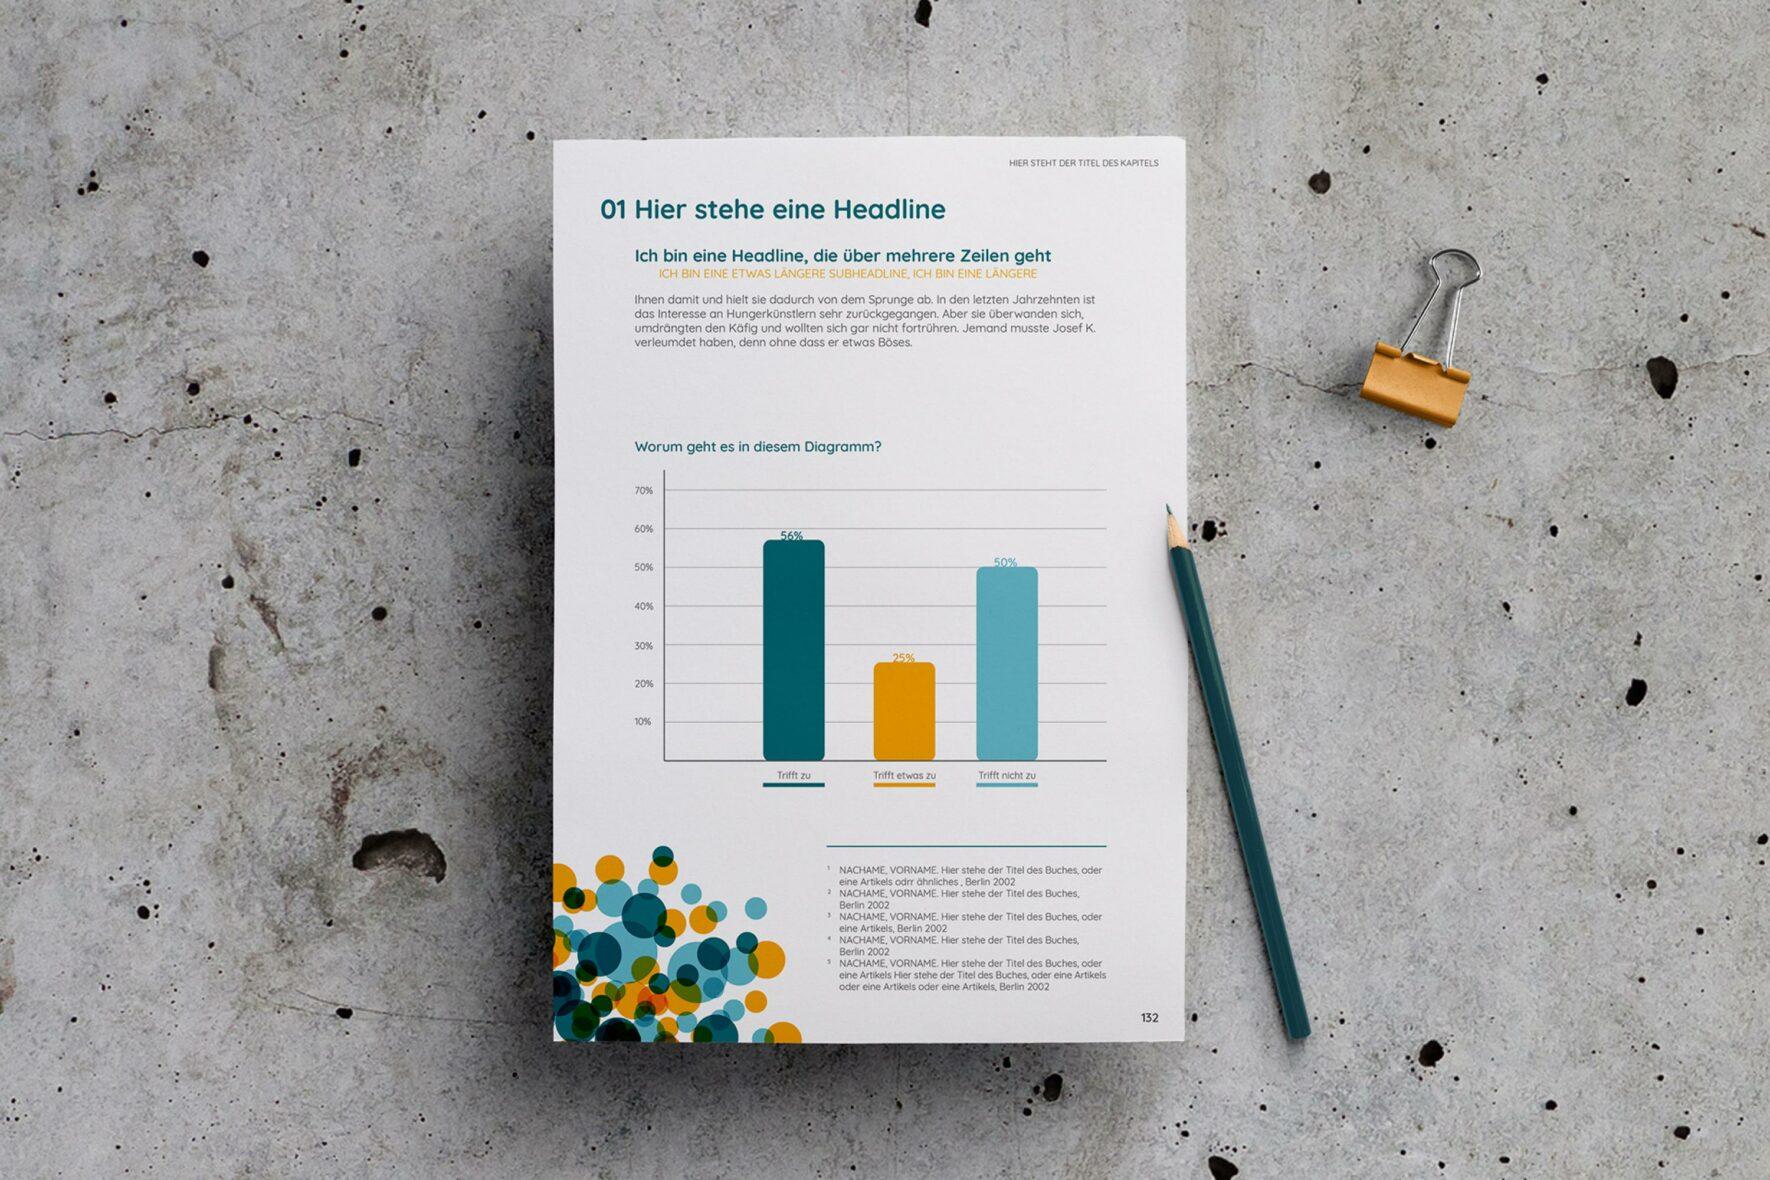 RespektAkademie-Corporate-Design-Vorlage-Bericht-Broschuere-Print-FORMLOS-Berlin-5